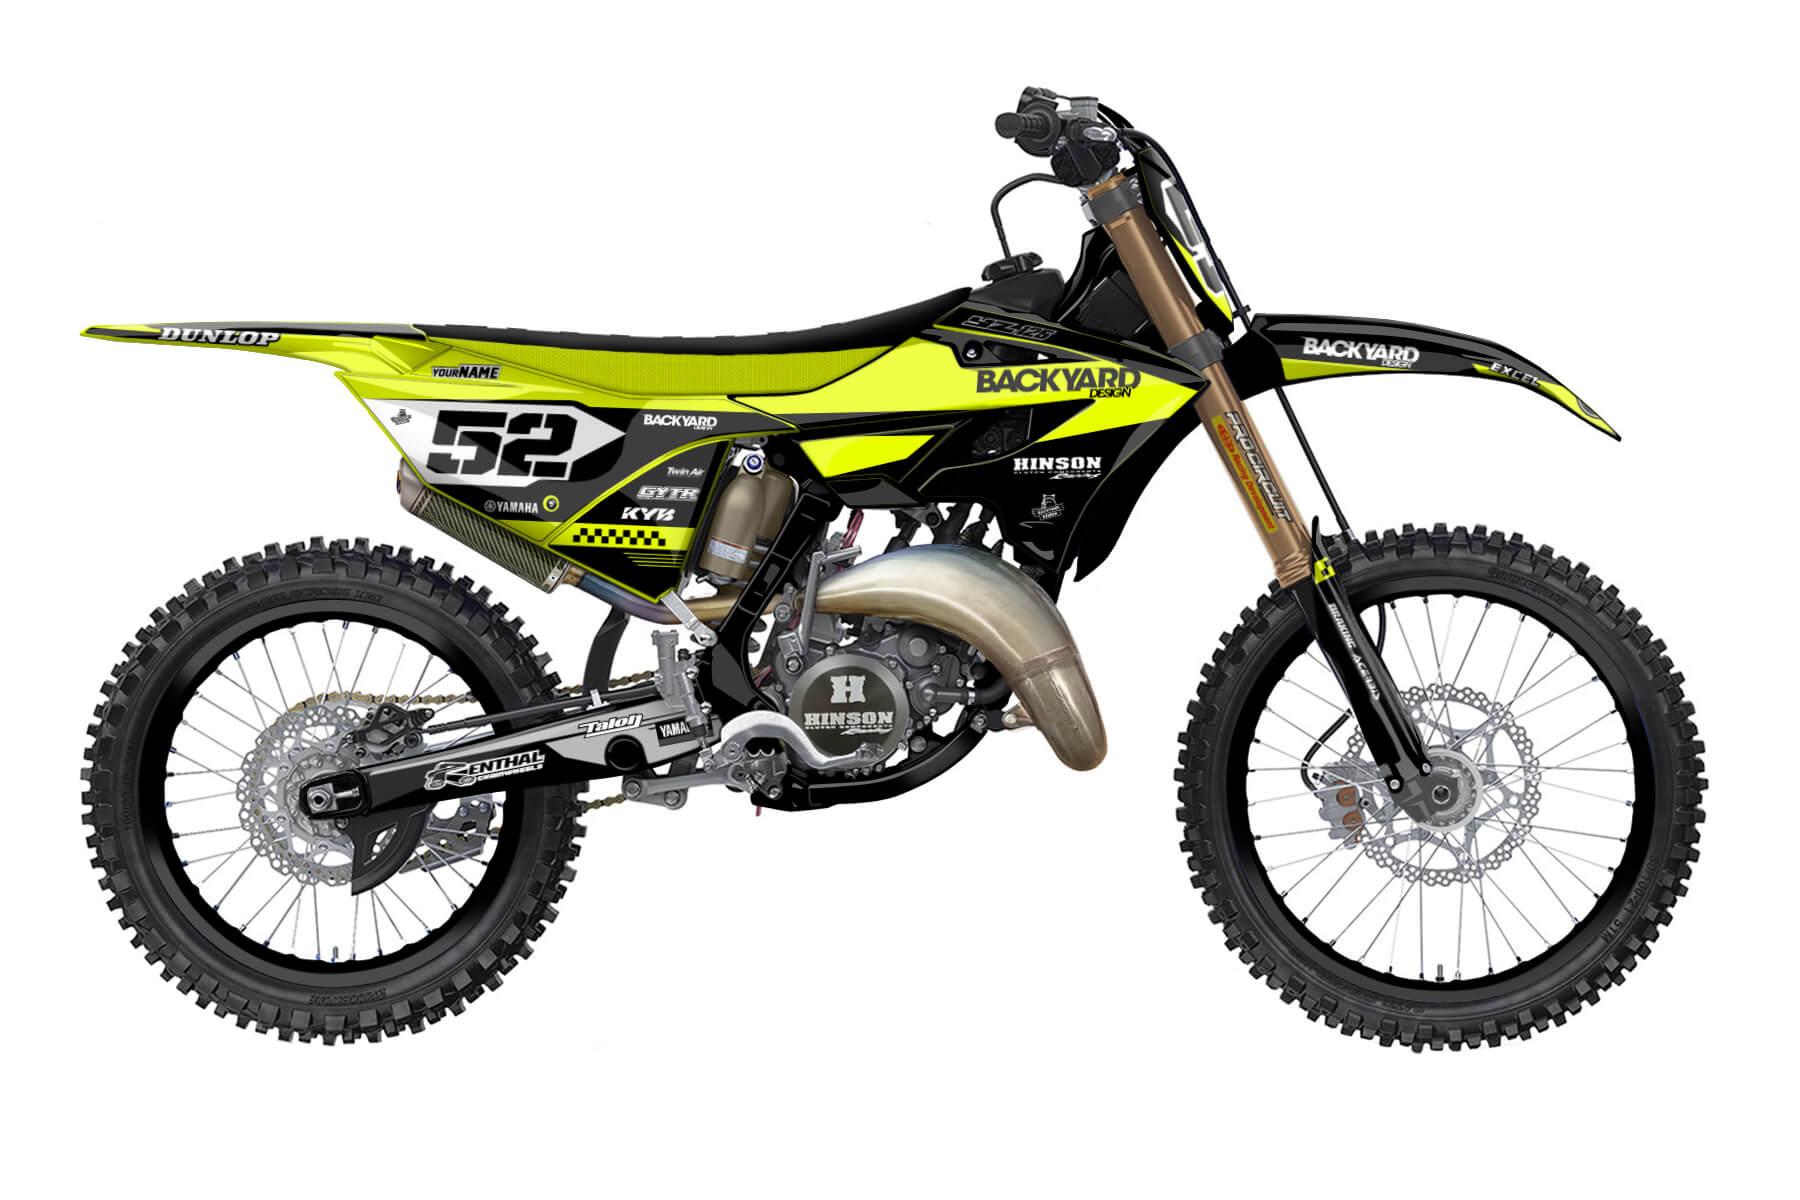 Yamaha YZ 250 - 2022 - Backyard Design - Mx Dekor - Staple Neon